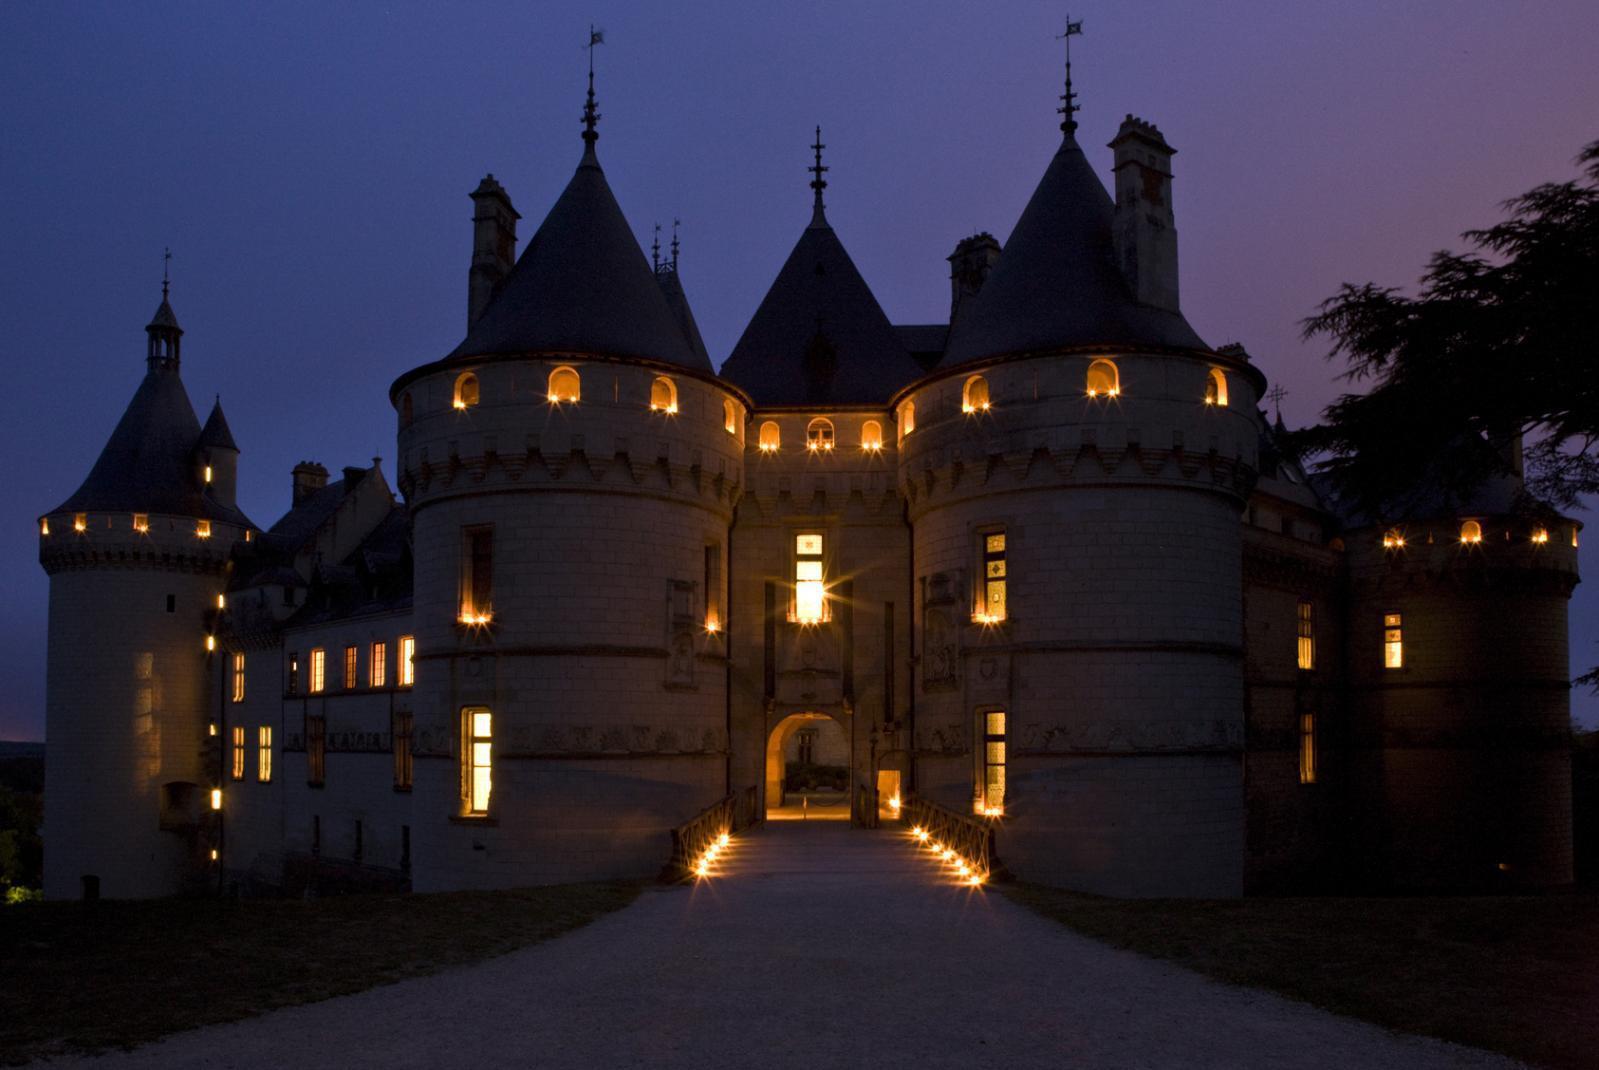 Nuits Magiques - Domaine de Chaumont-sur-Loire